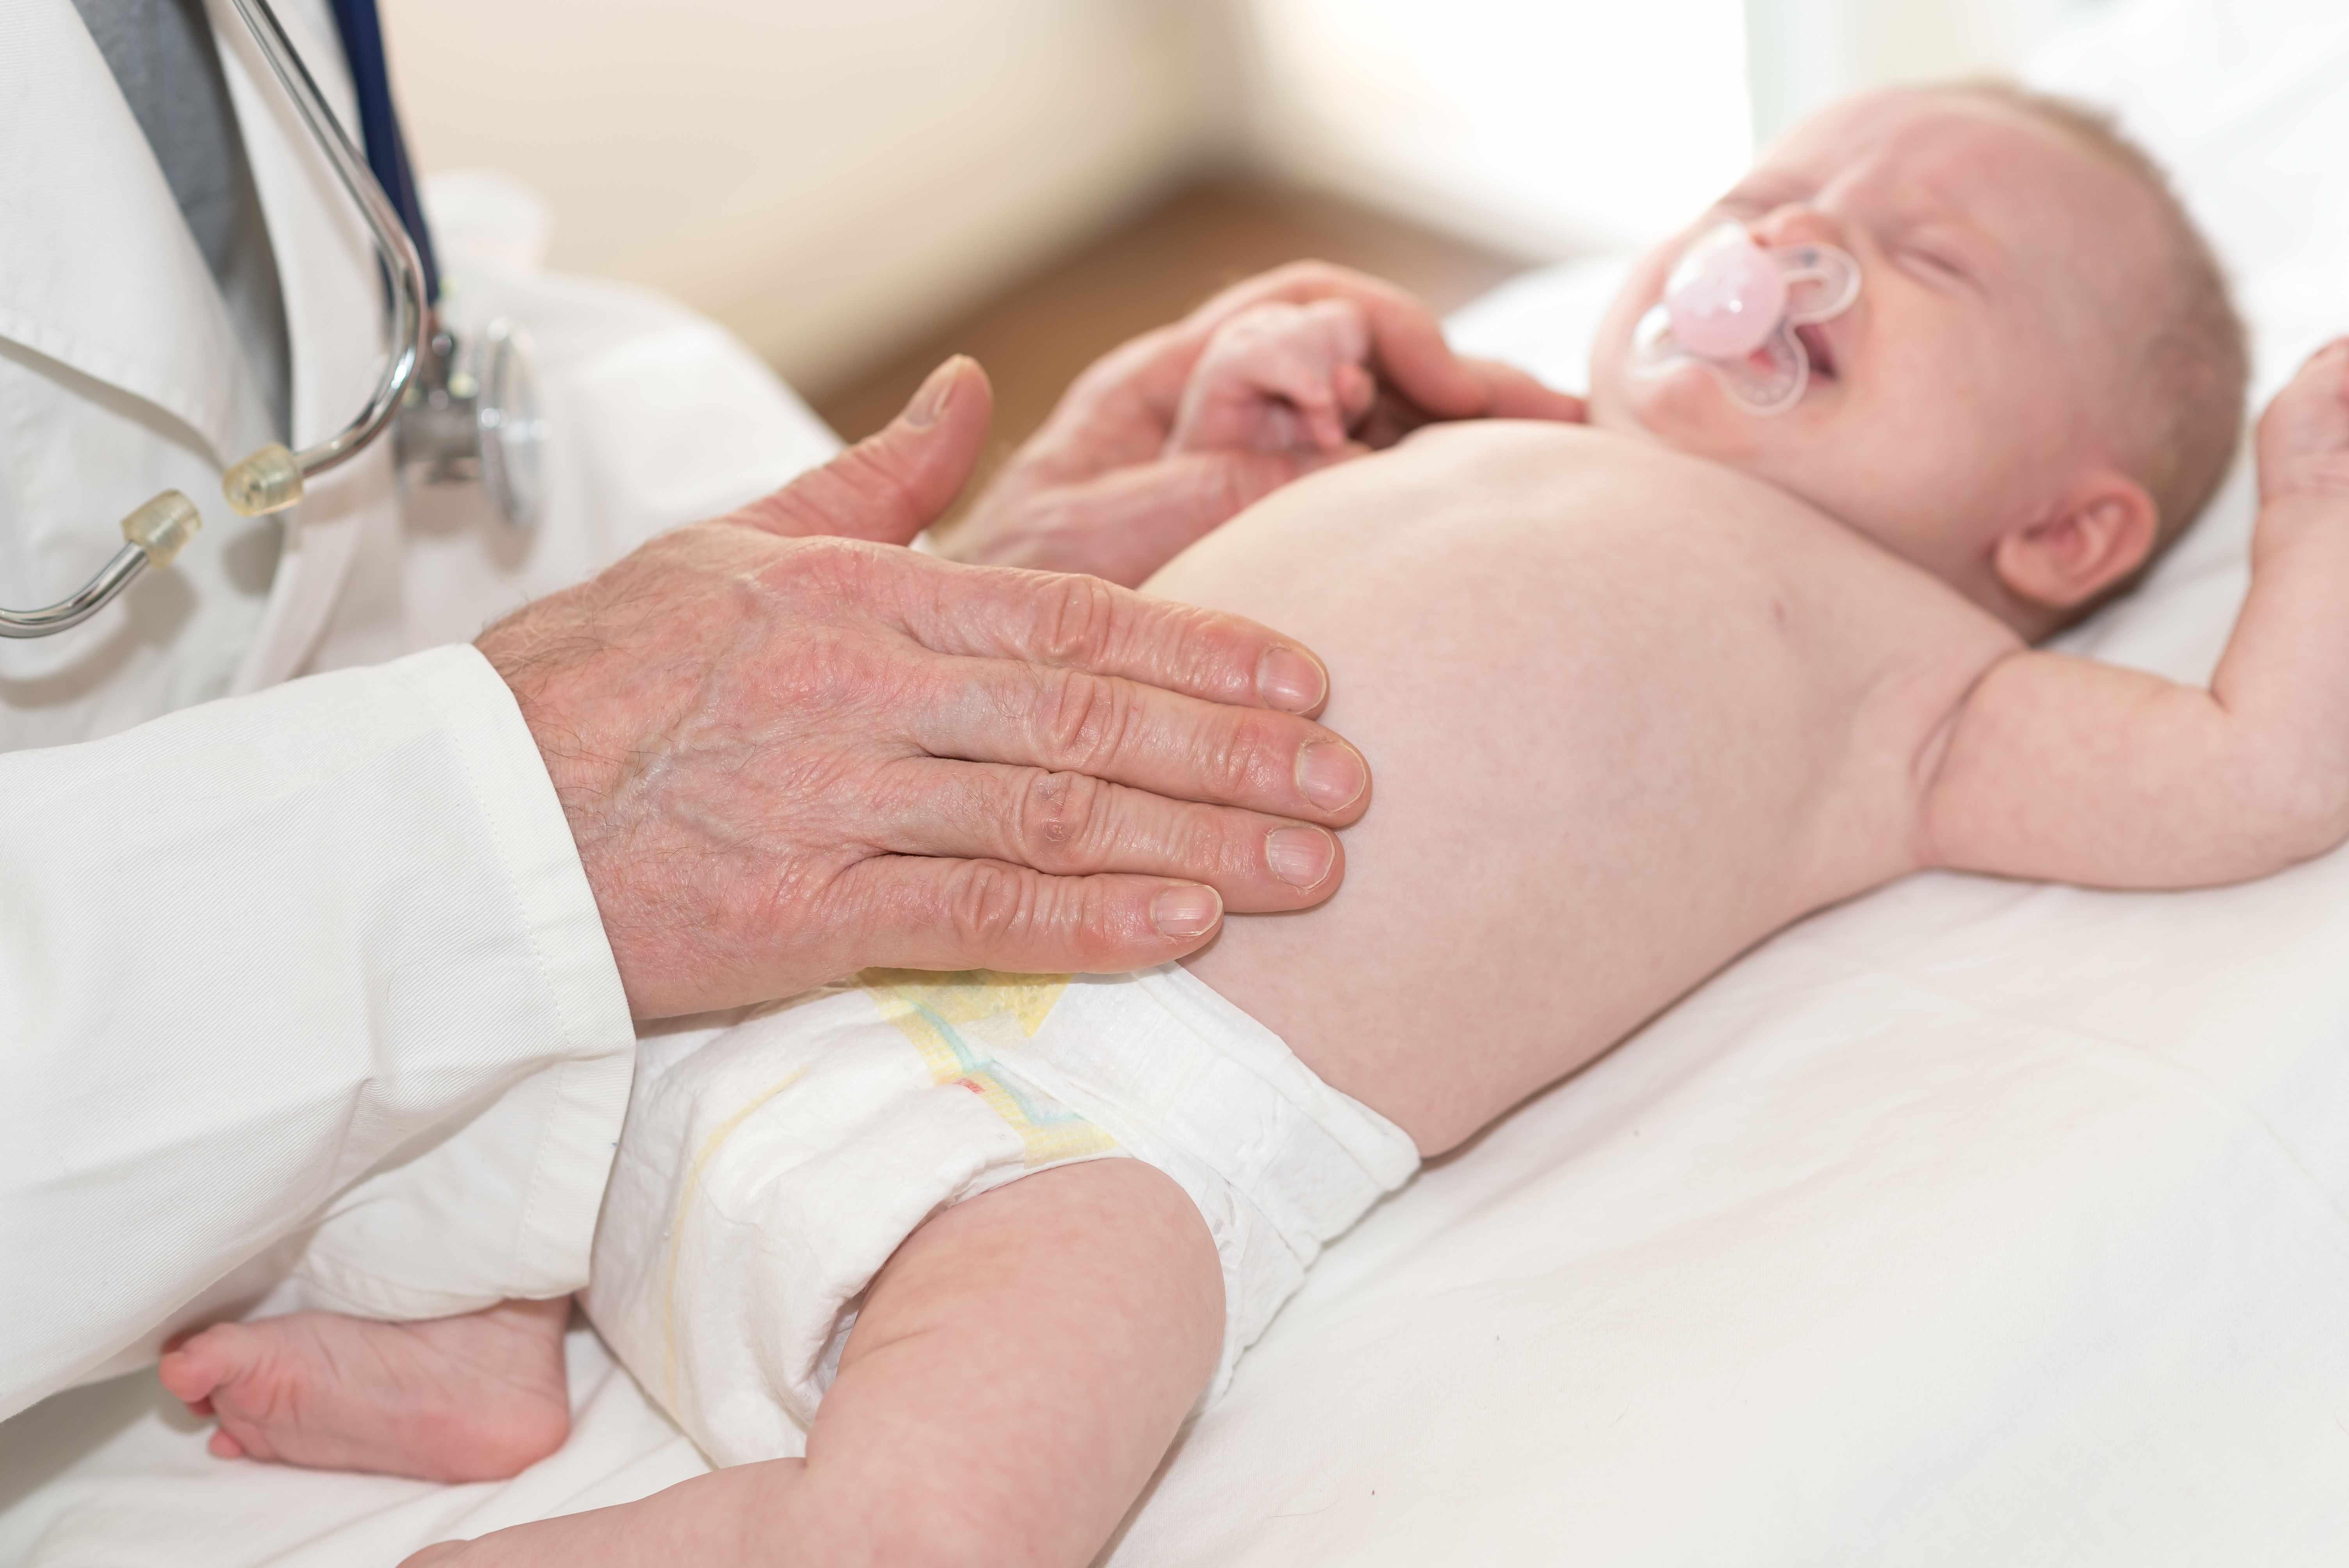 抚摸宝宝这几个部位不仅促进发育还增强食欲,宝妈赶紧了解下!